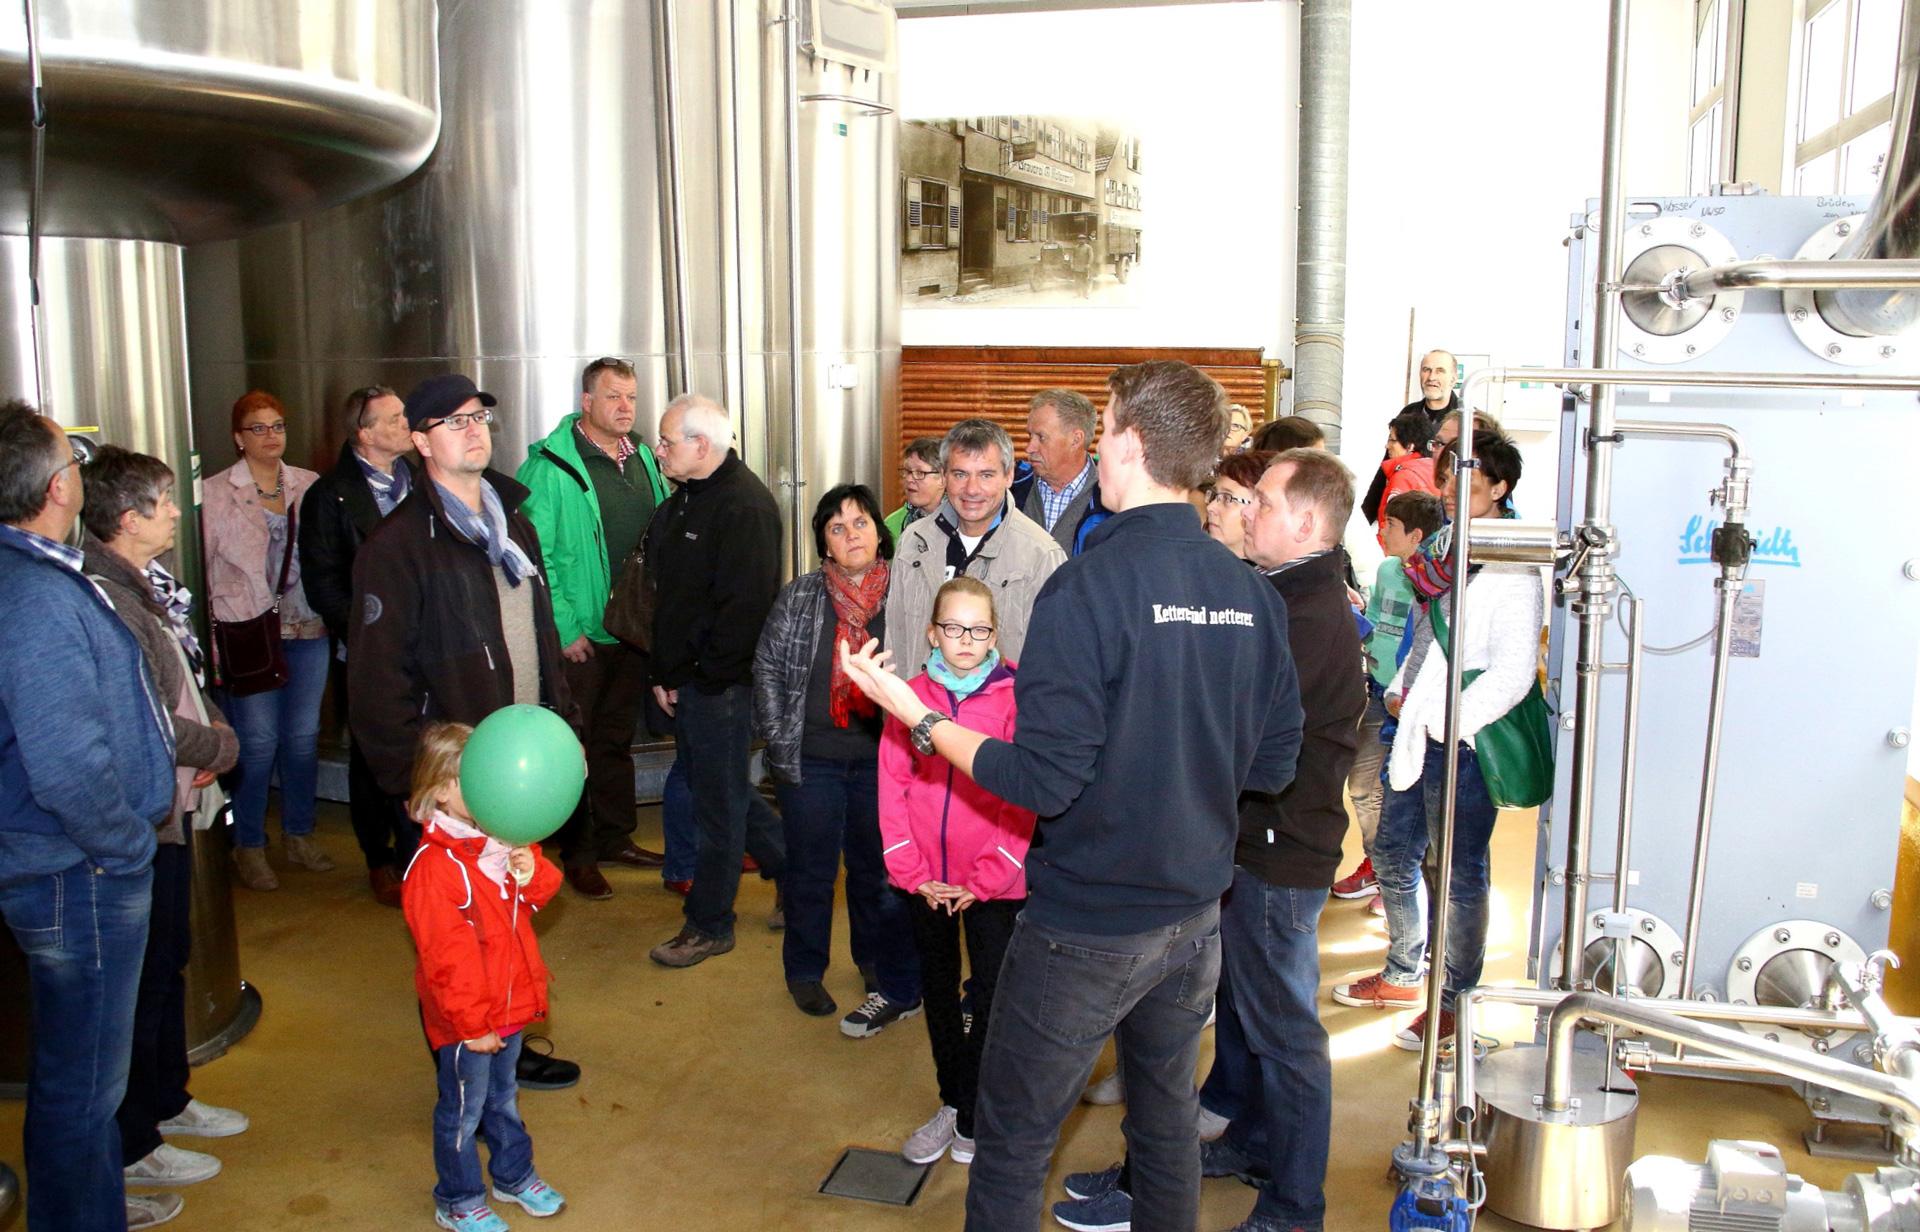 Die Besucher erfahren beim sogenannten 'Whirlpool', dass Ketterer seit 2002 als vierte Brauerei weltweit das innovative Schonkochverfahren einsetzt.